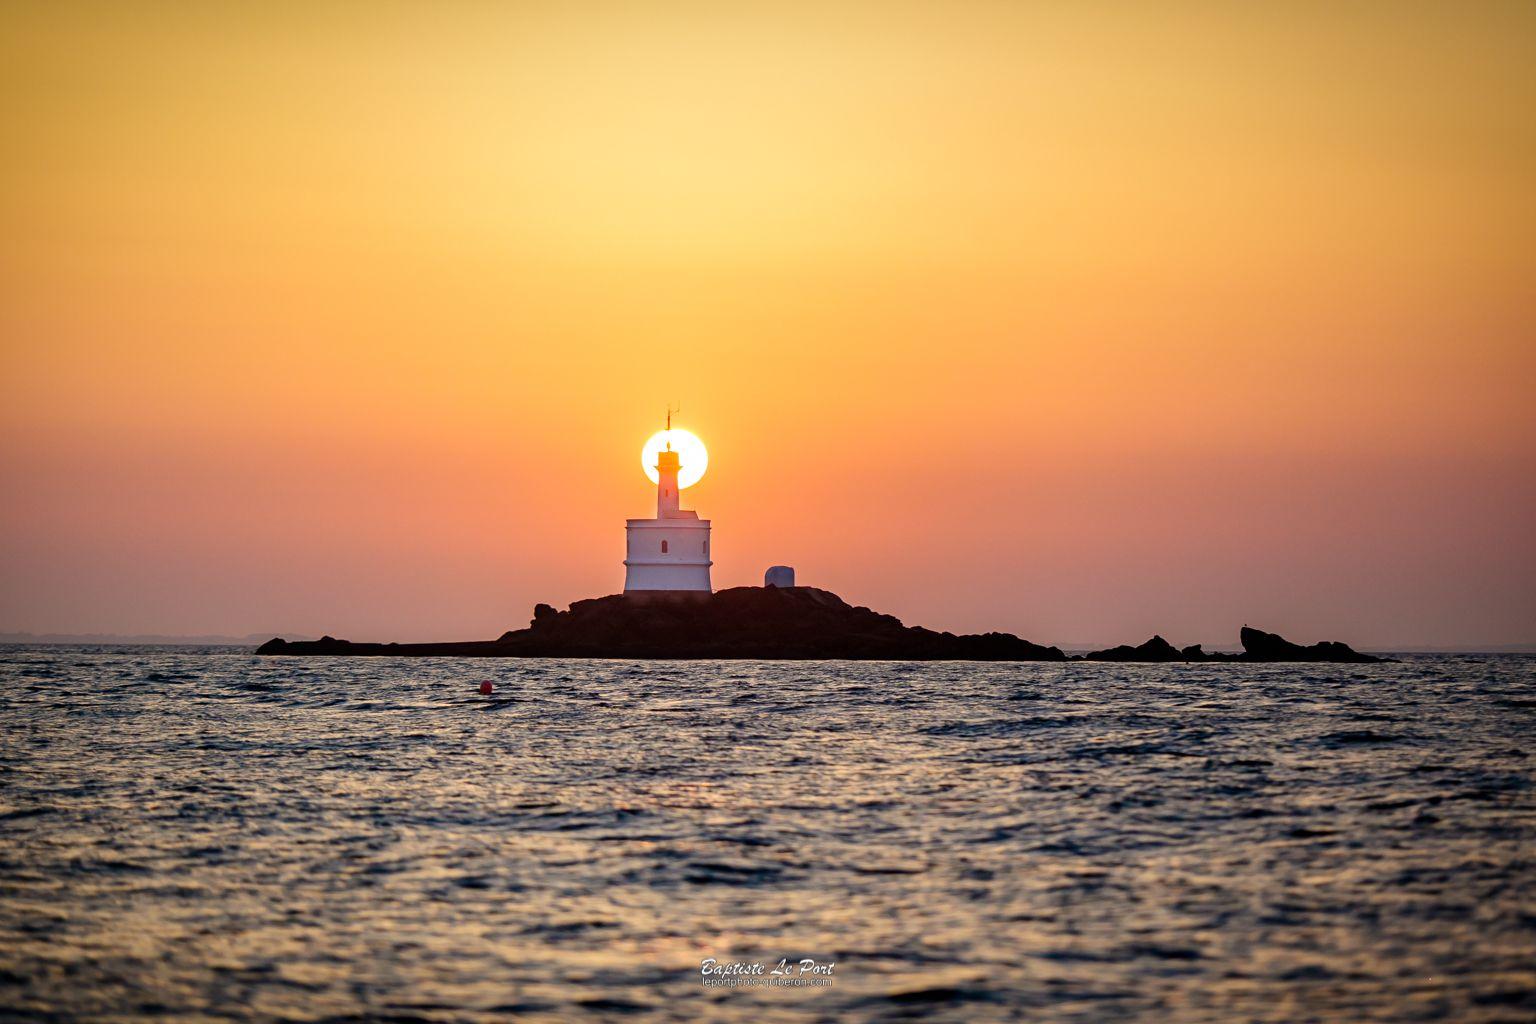 18 juillet - Le phare de la Teignouse au petit matin